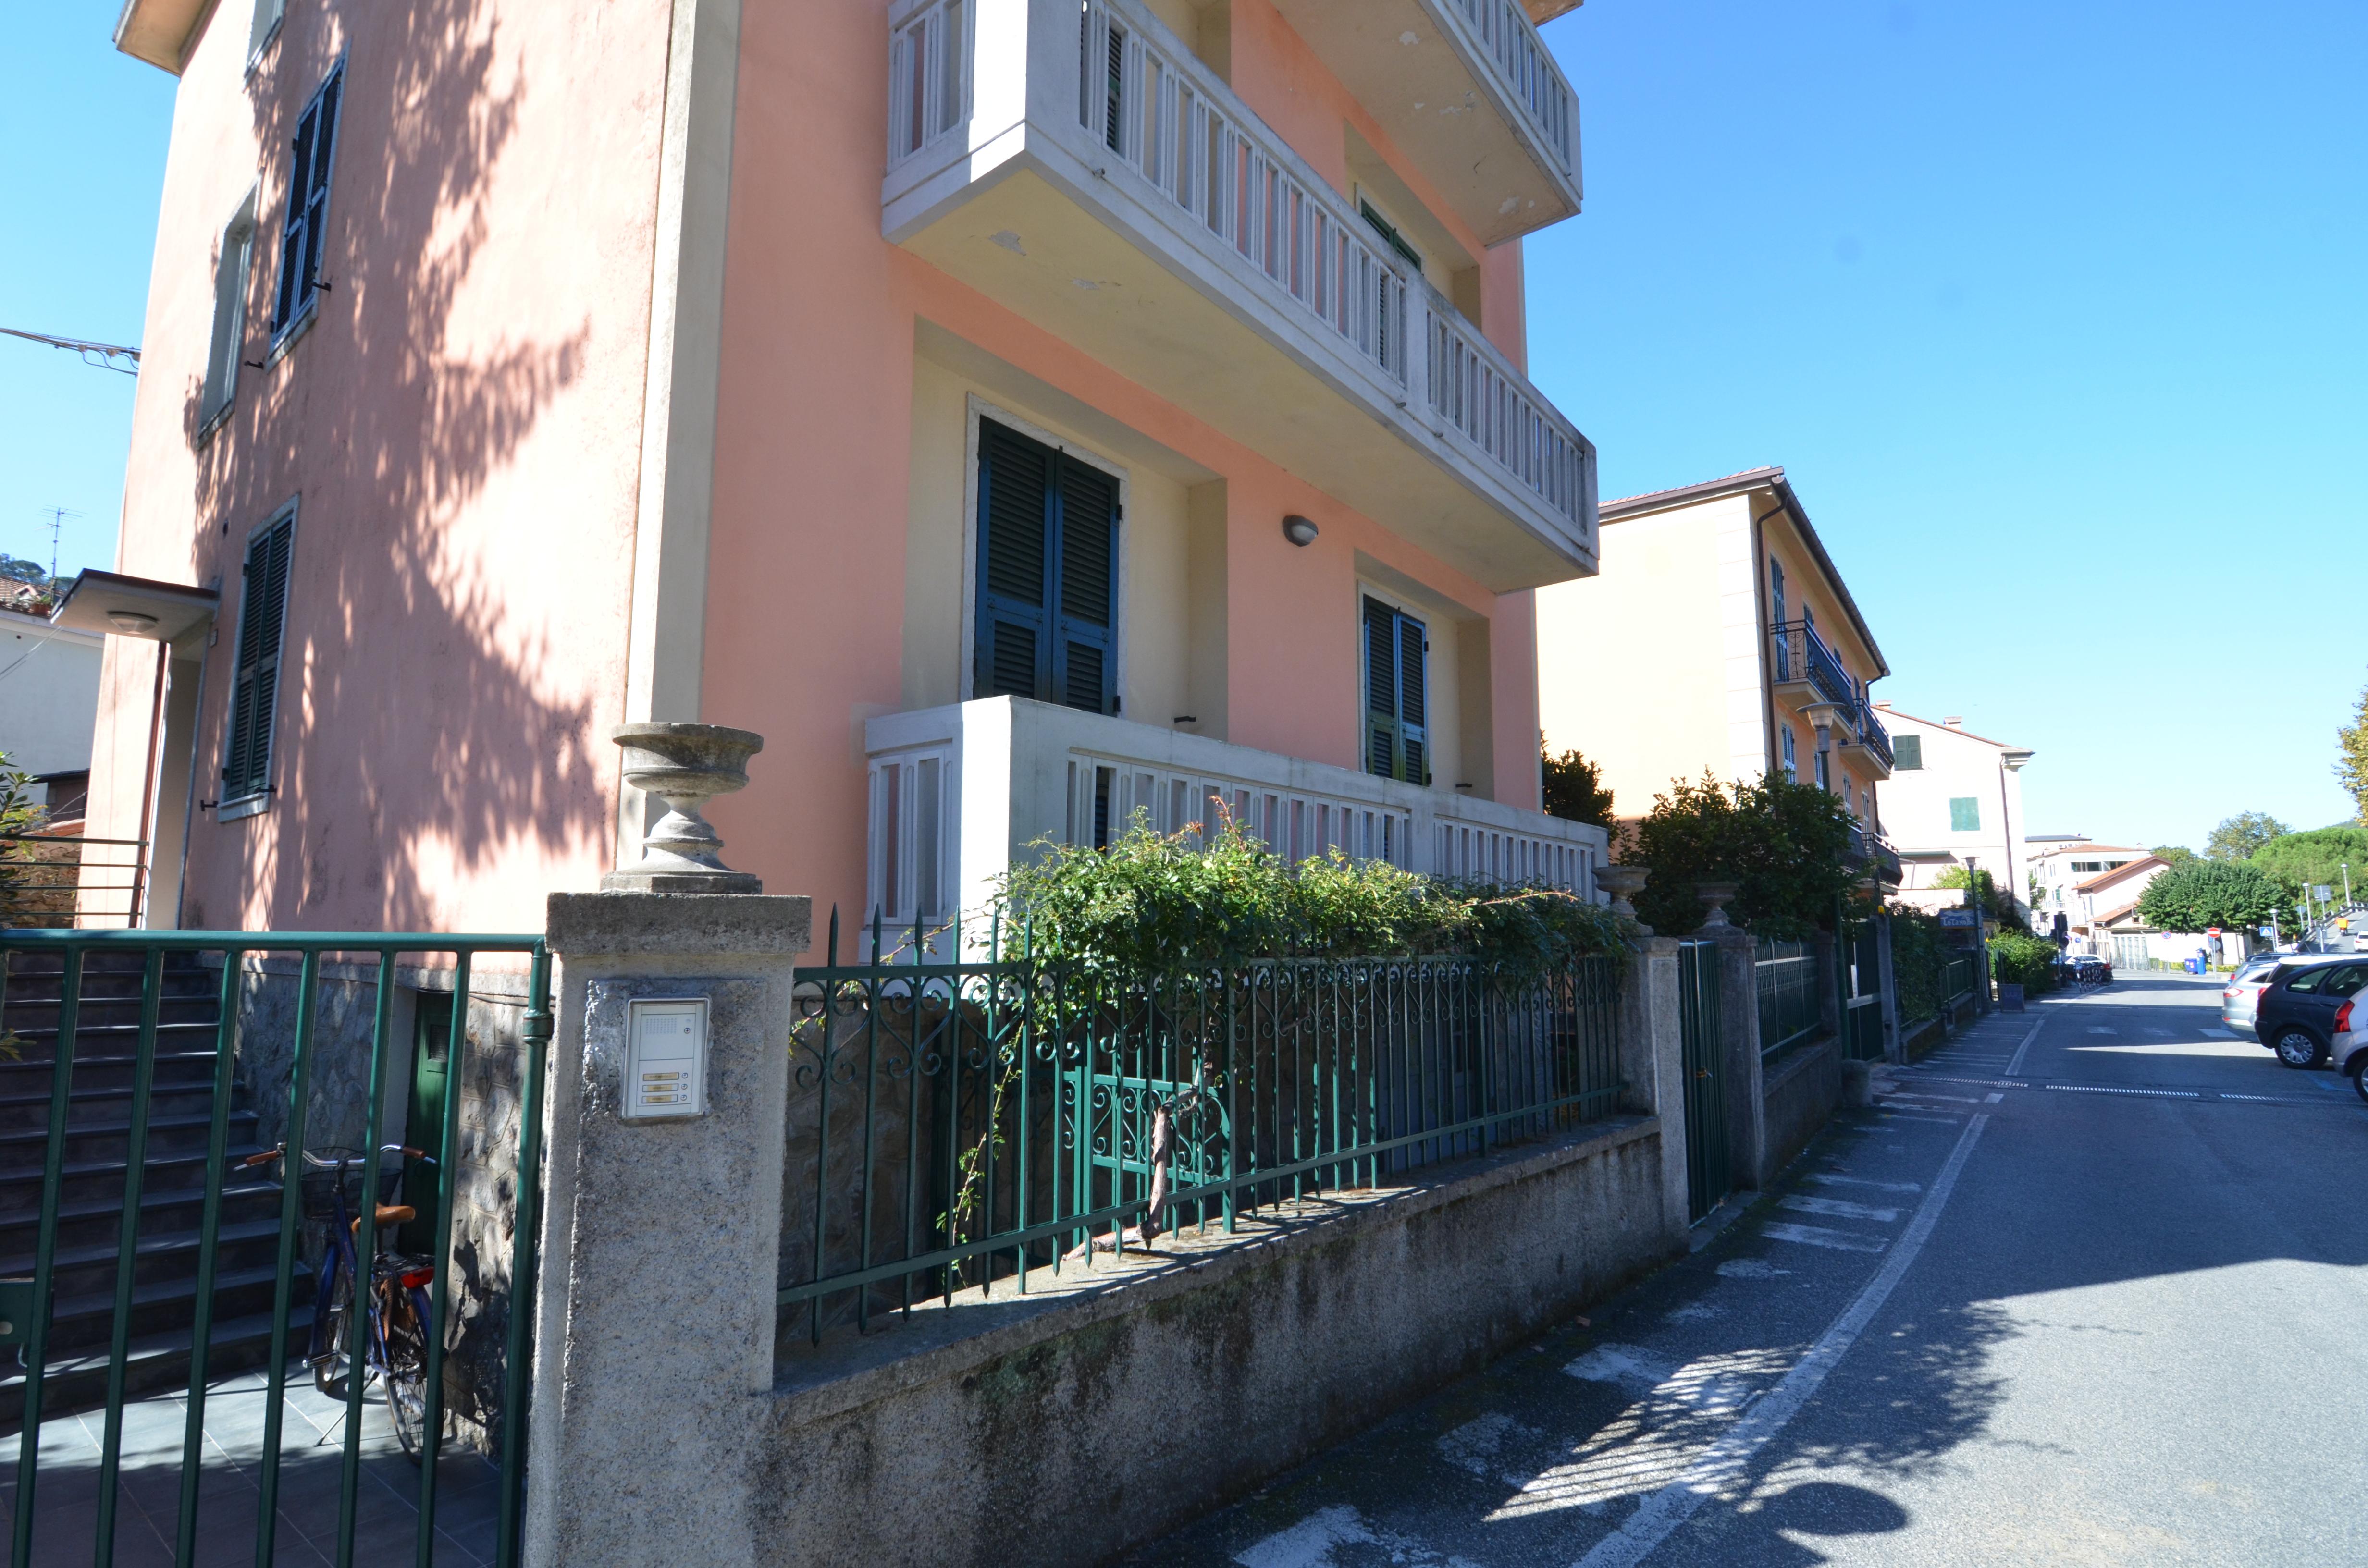 Gallery levanto riviera for Villa marcella la spezia